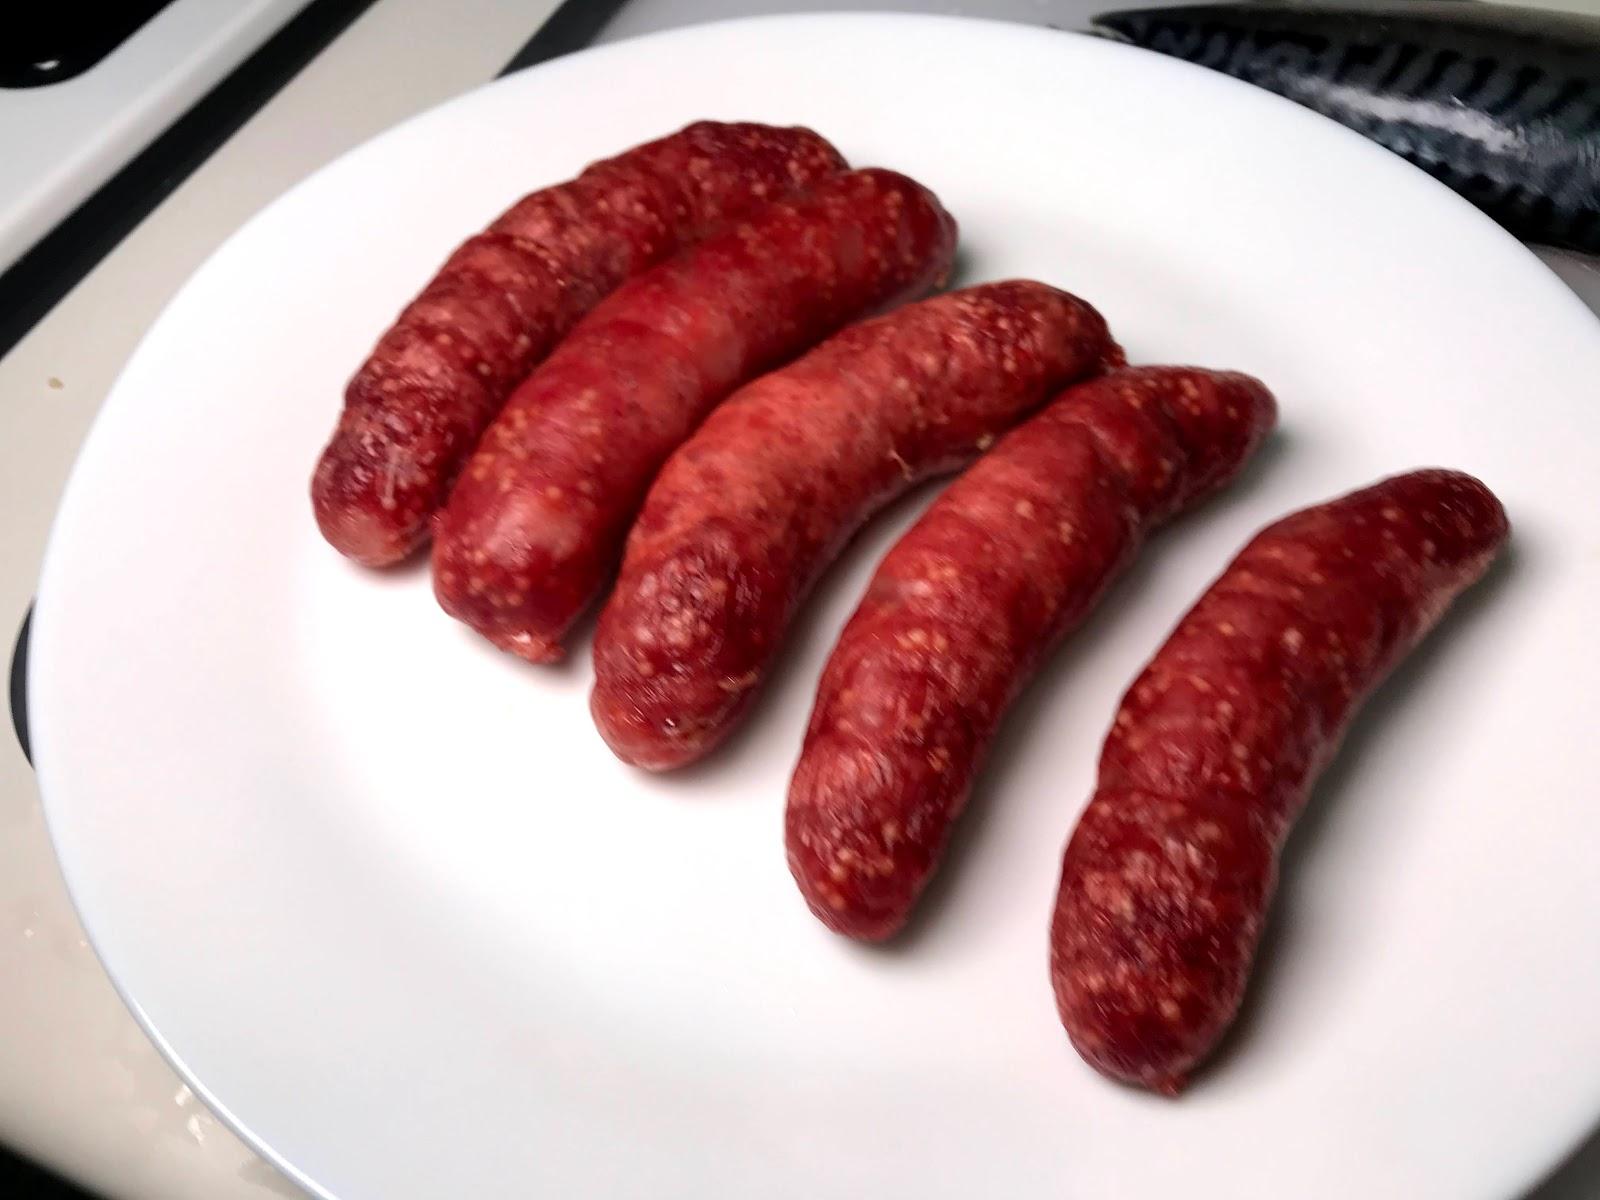 |愛食鮮 中秋豪華海陸派對禮盒|蓋瑞哥下廚大挑戰|不烤肉也可以買的烤肉組合|中秋烤肉組合推薦|[全台 宅配]